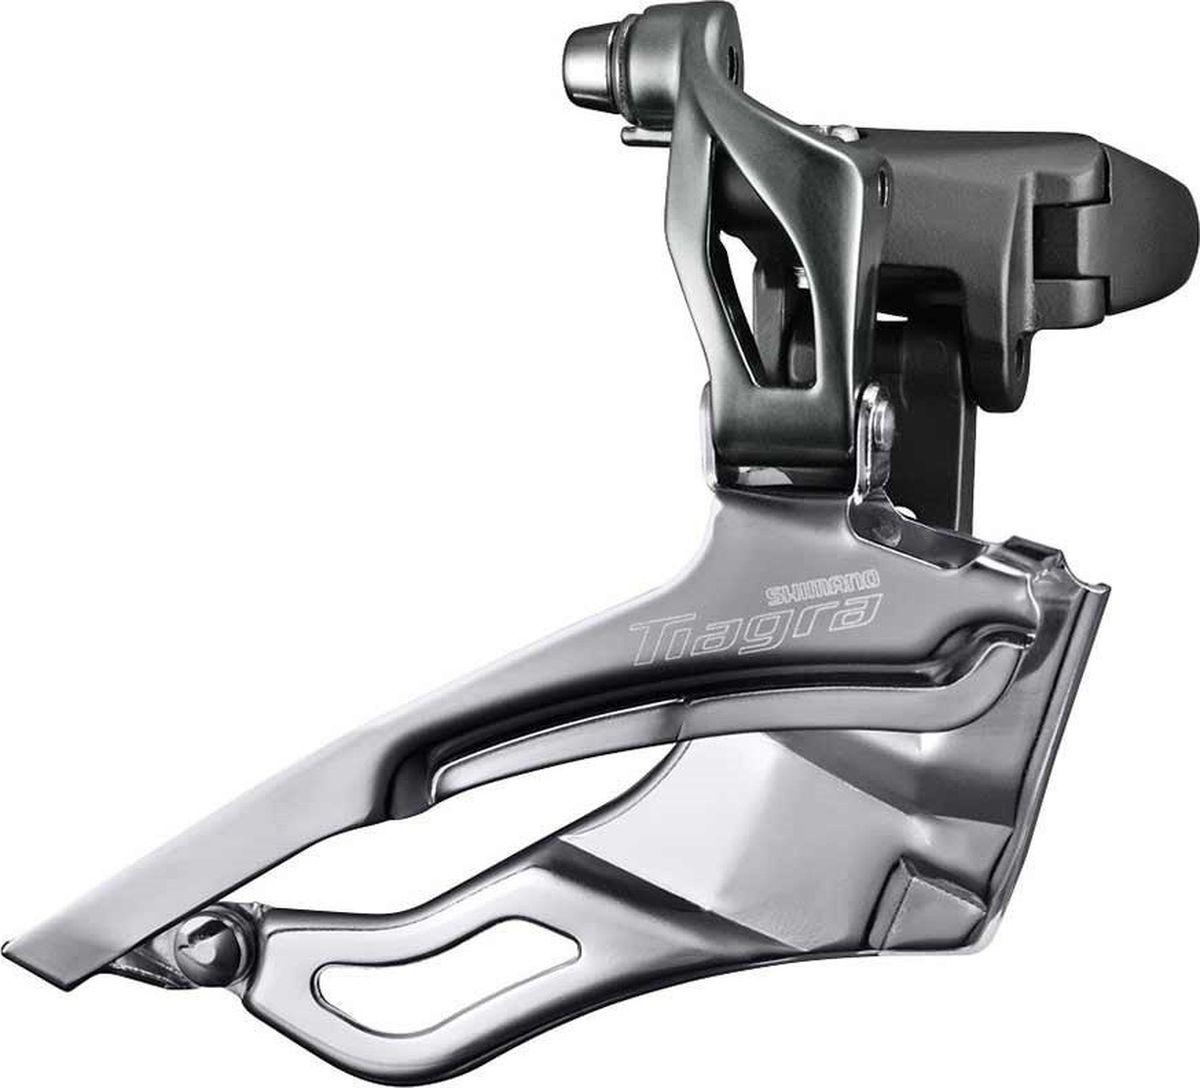 Переключатель передний Shimano Tiagra 4700, на упор, 2 x 10 скоростейIFD4700FПереключатель передний Shimano Tiagra FD-4700 2х10 скоростей